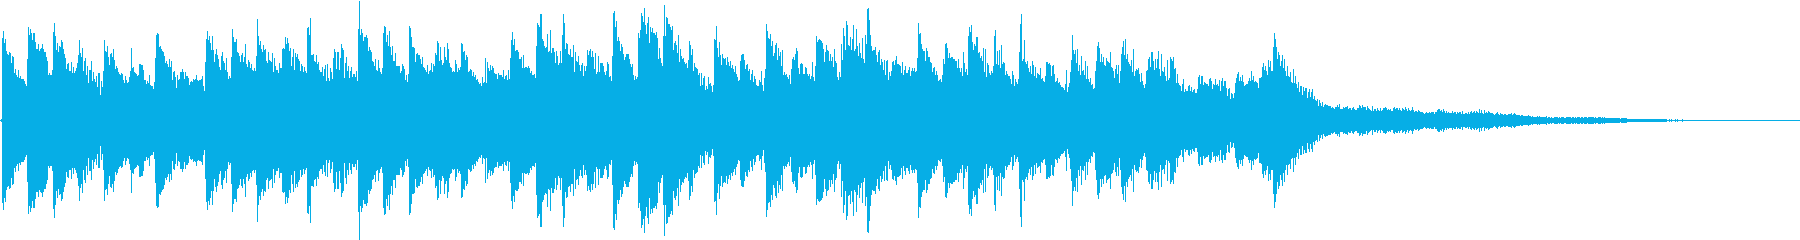 何気ないメロディーのさわやかな音楽の再生済みの波形